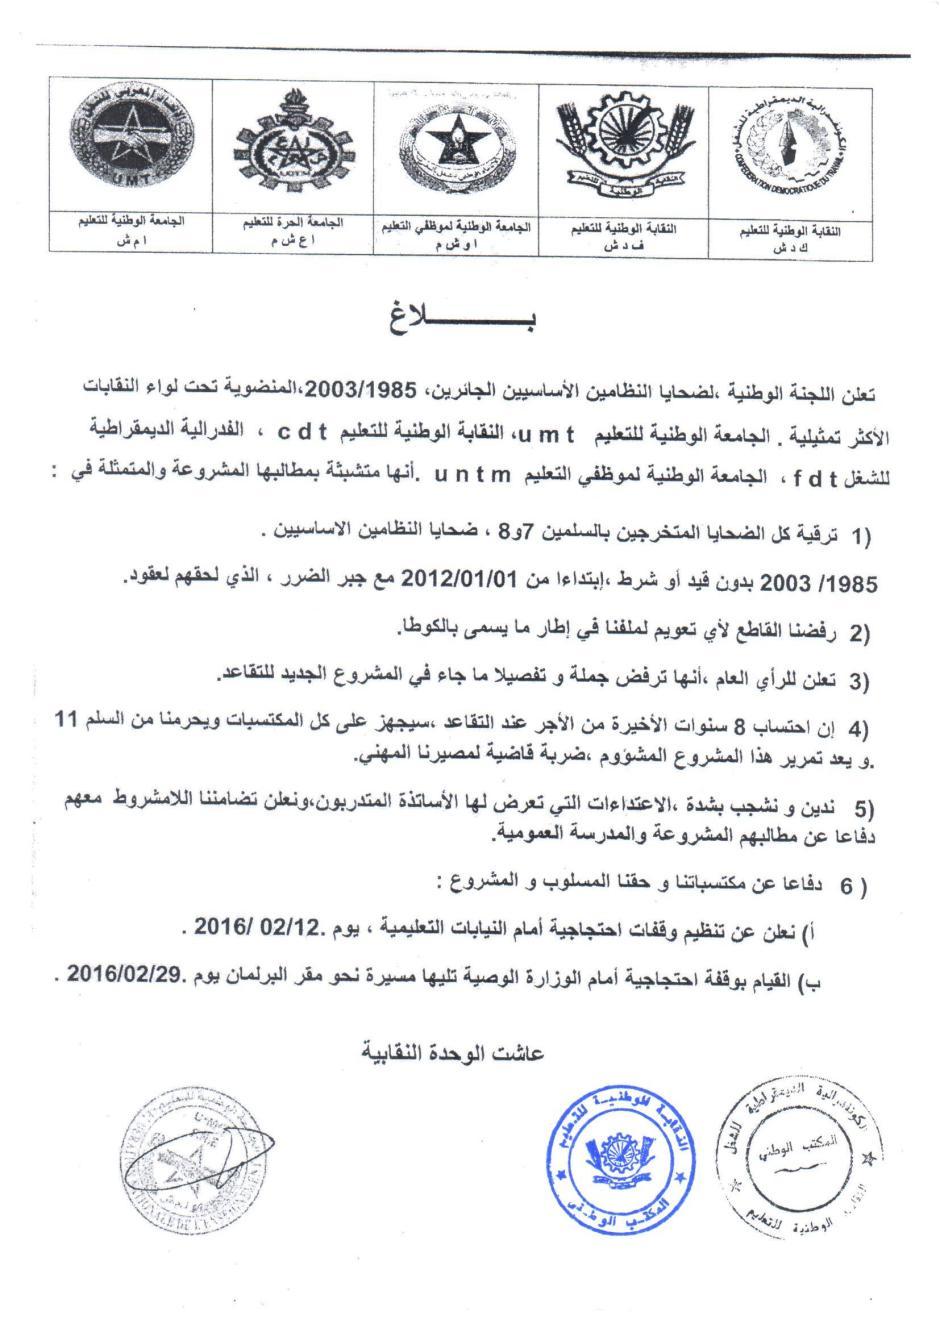 بلاغ حول وقفات 12 فبراير 2016